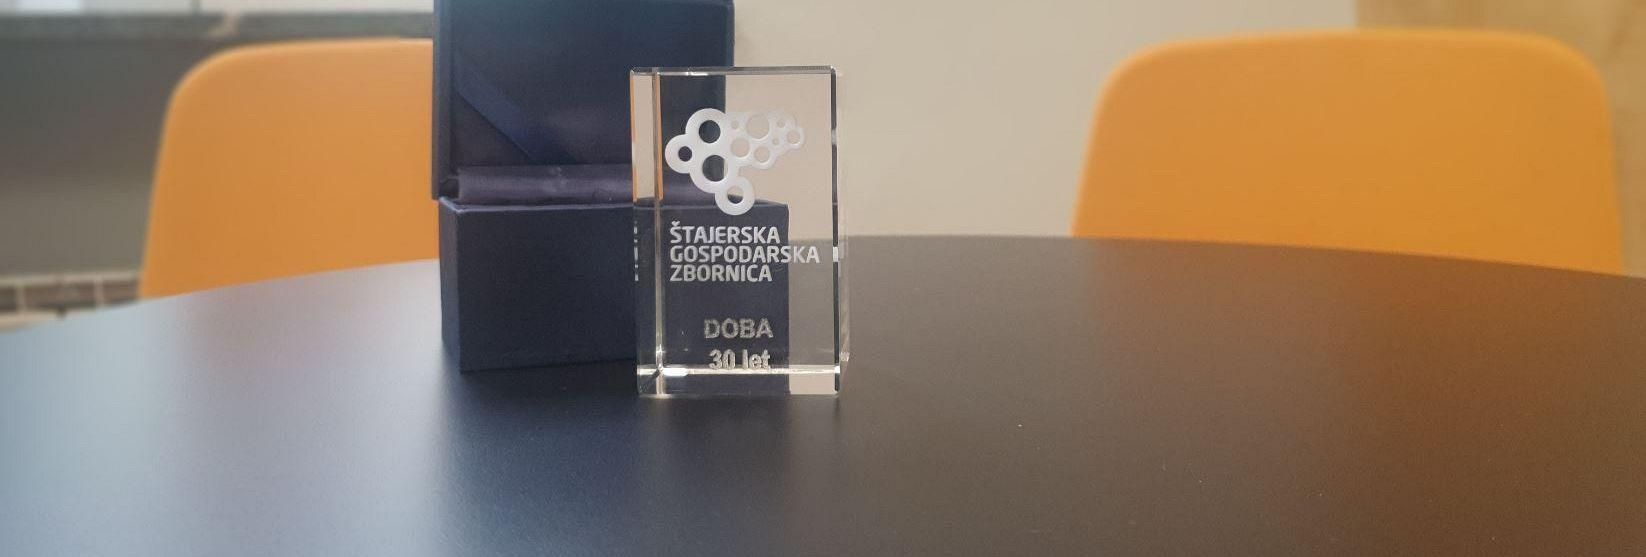 Nagrada Štajerske gospodarske komore DOBI povodom 30. obljetnice